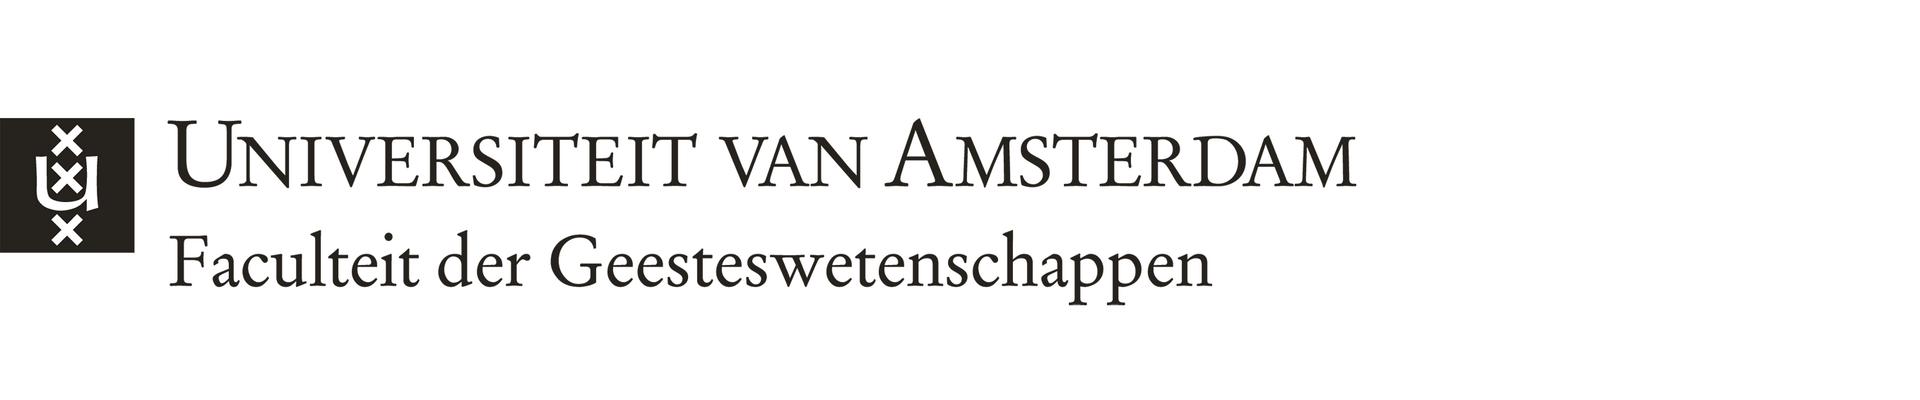 Fake news in de Nederlandse literatuur